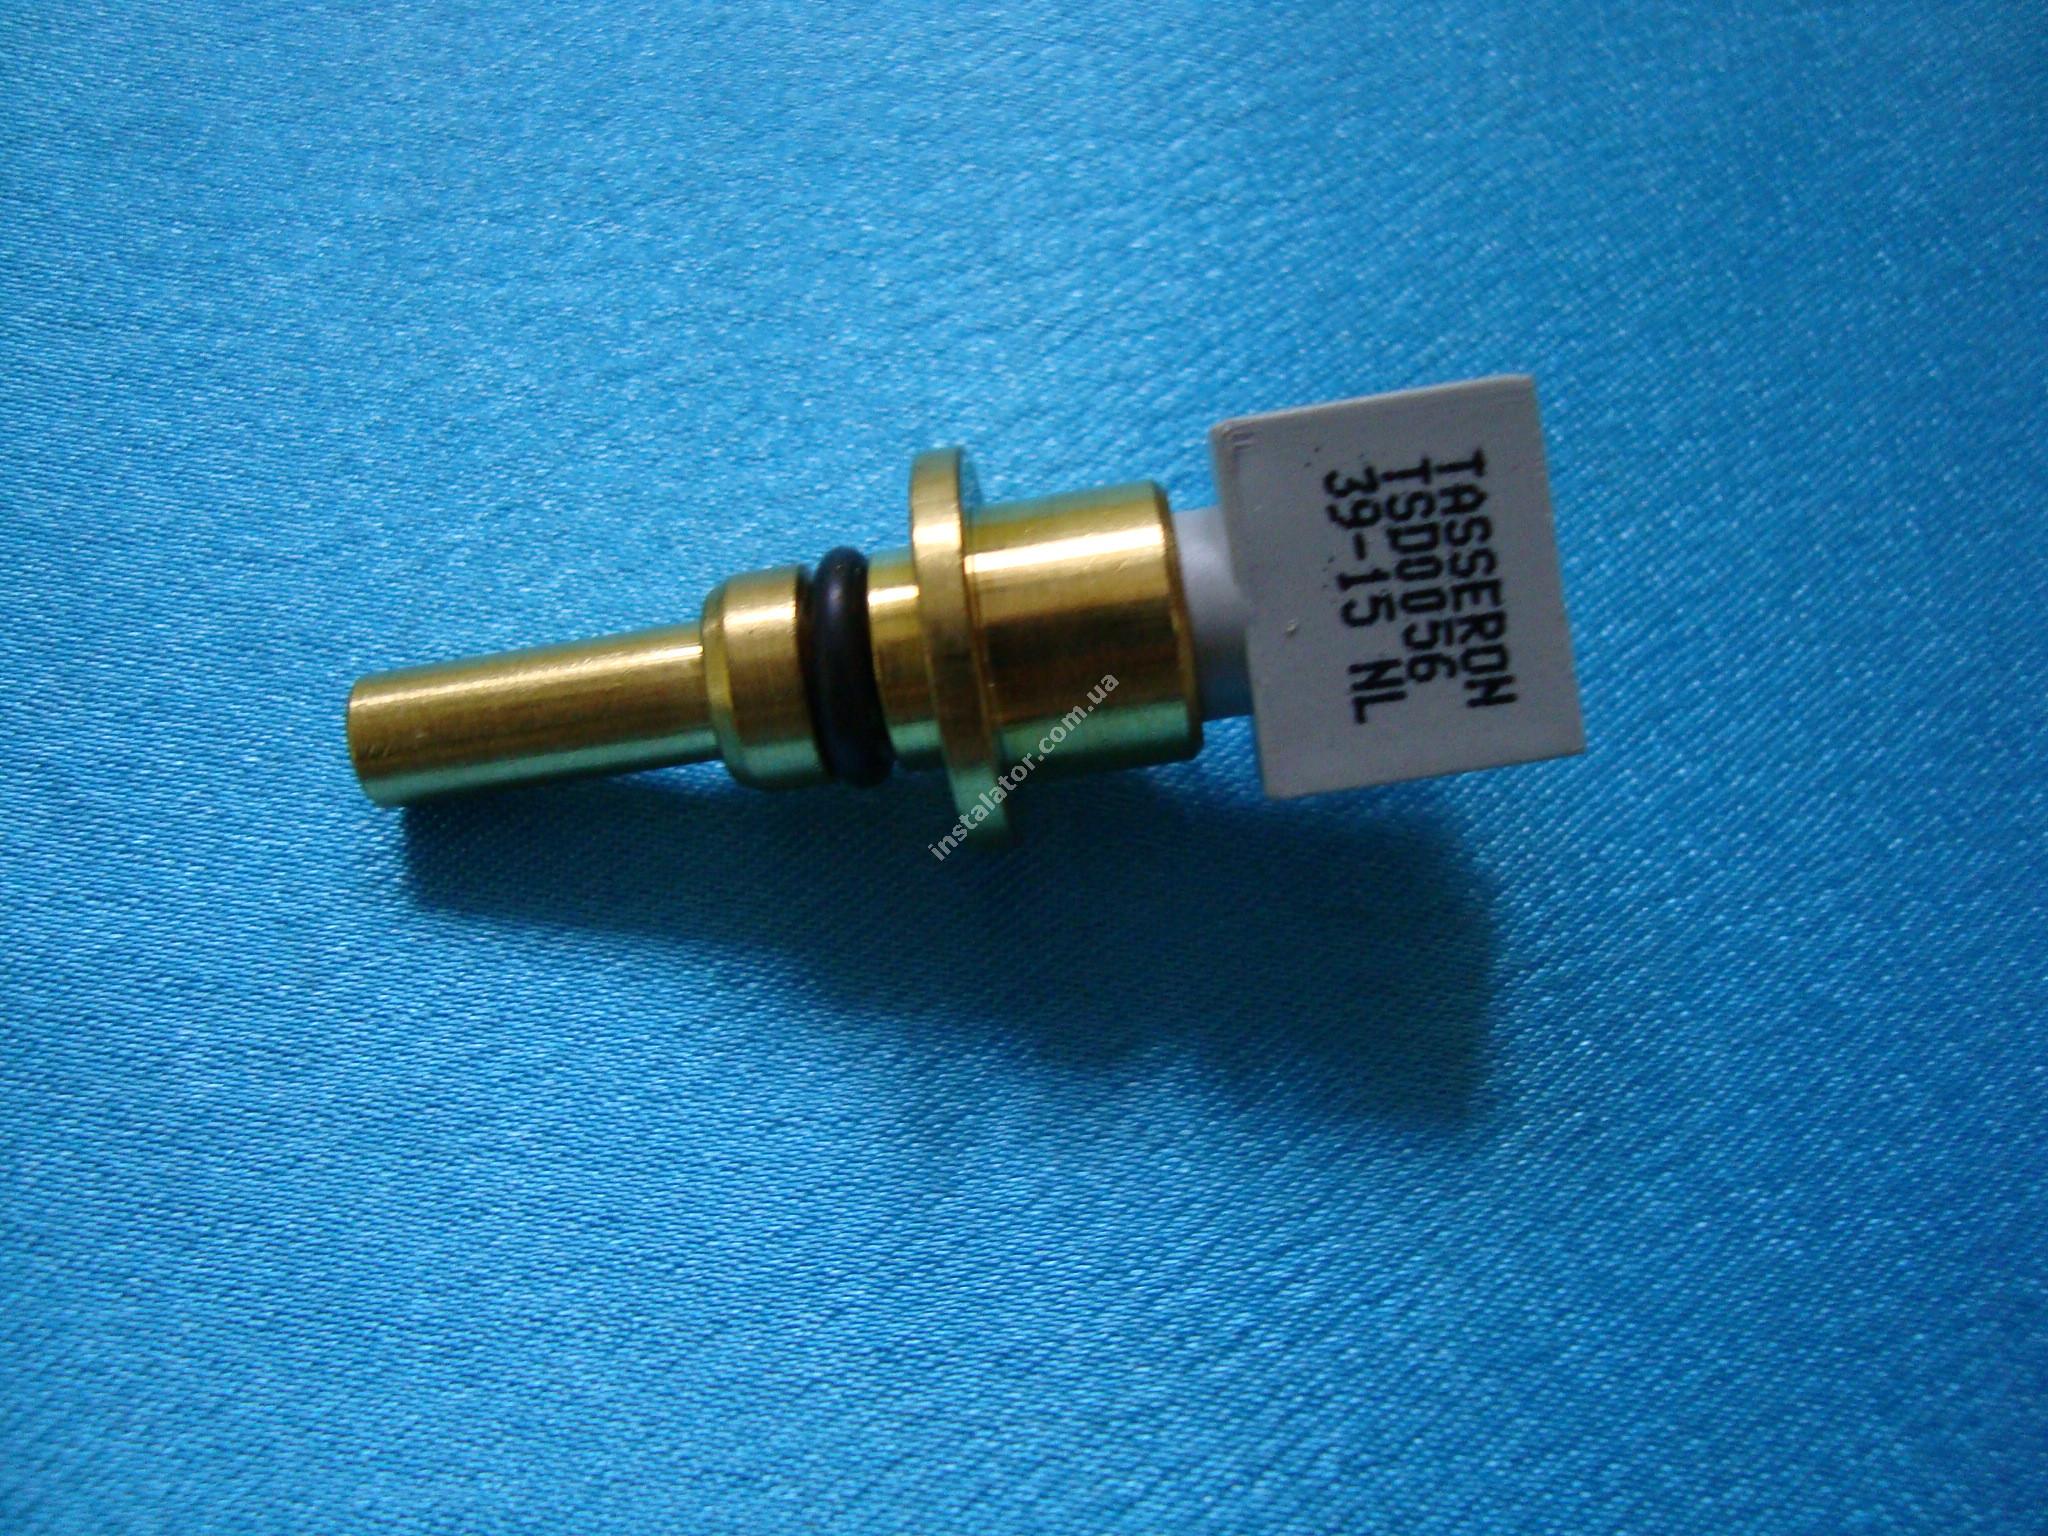 61000733 Датчик температури (зонд NTC) (термістор) води Chaffoteaux Elexia, Nectra (оригінал)